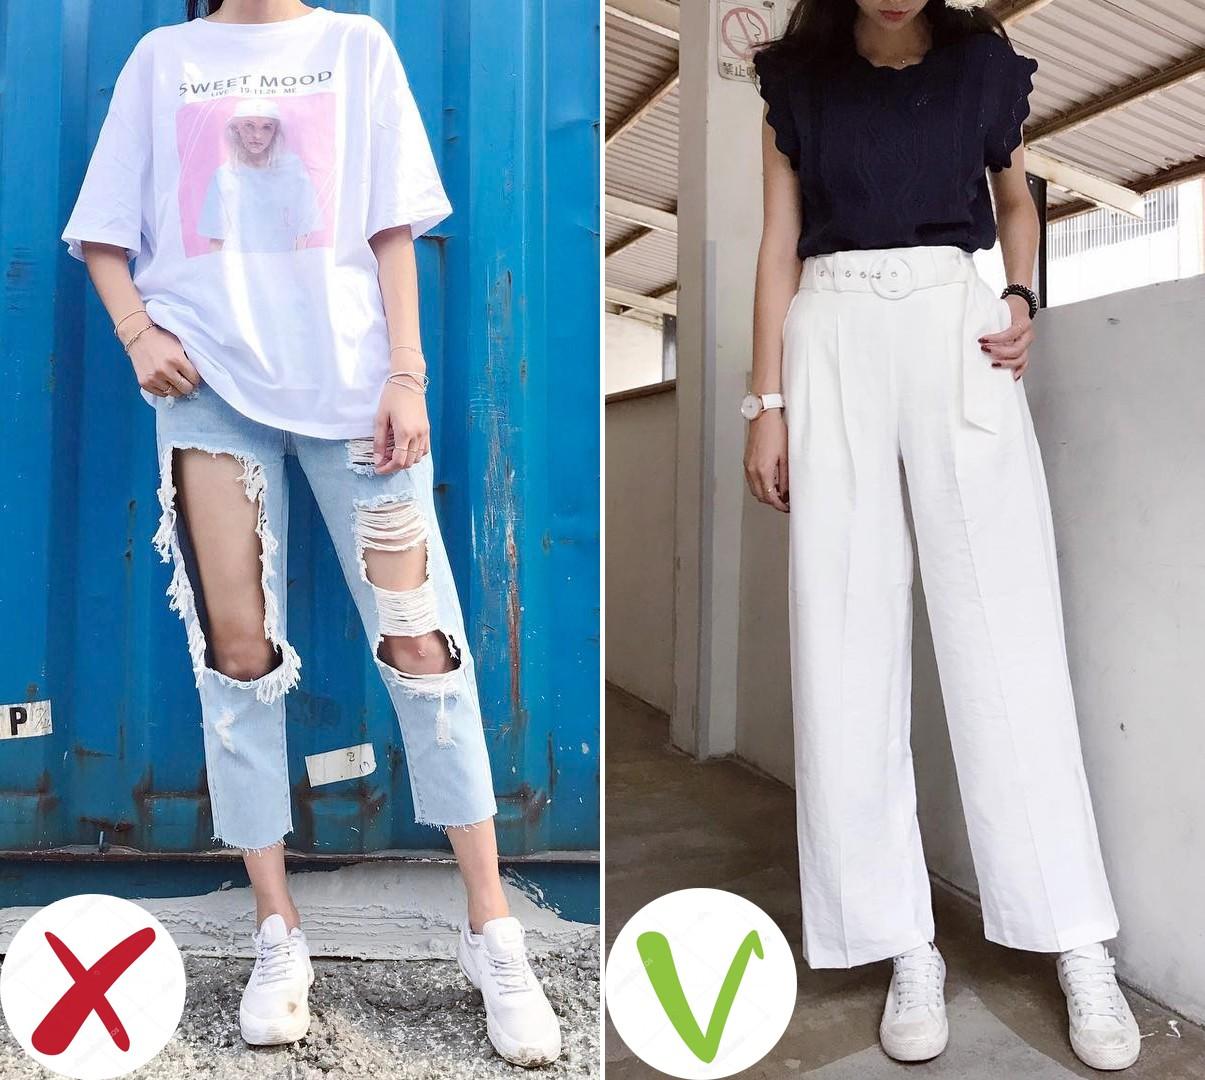 5 loại trang phục nên và không nên mặc tới công sở mà chị em nào cũng nên biết - Ảnh 3